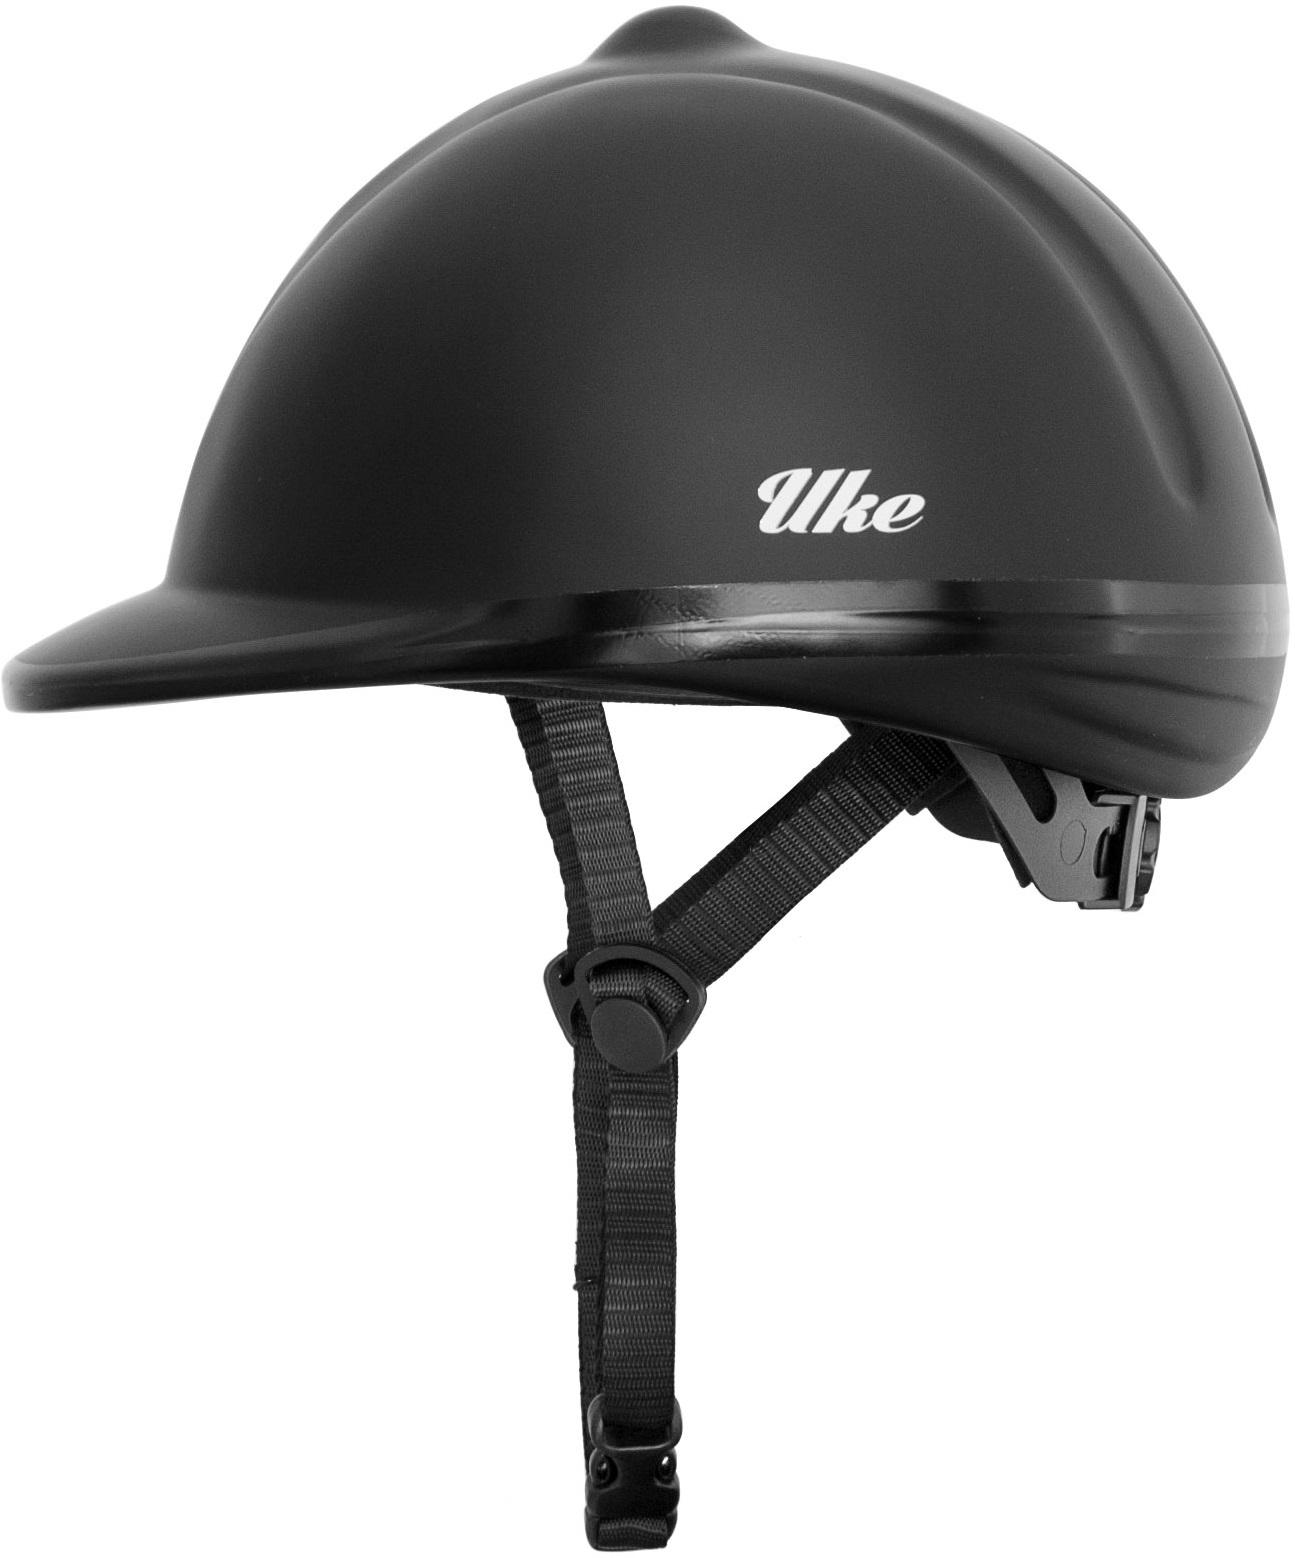 UKE Helmet